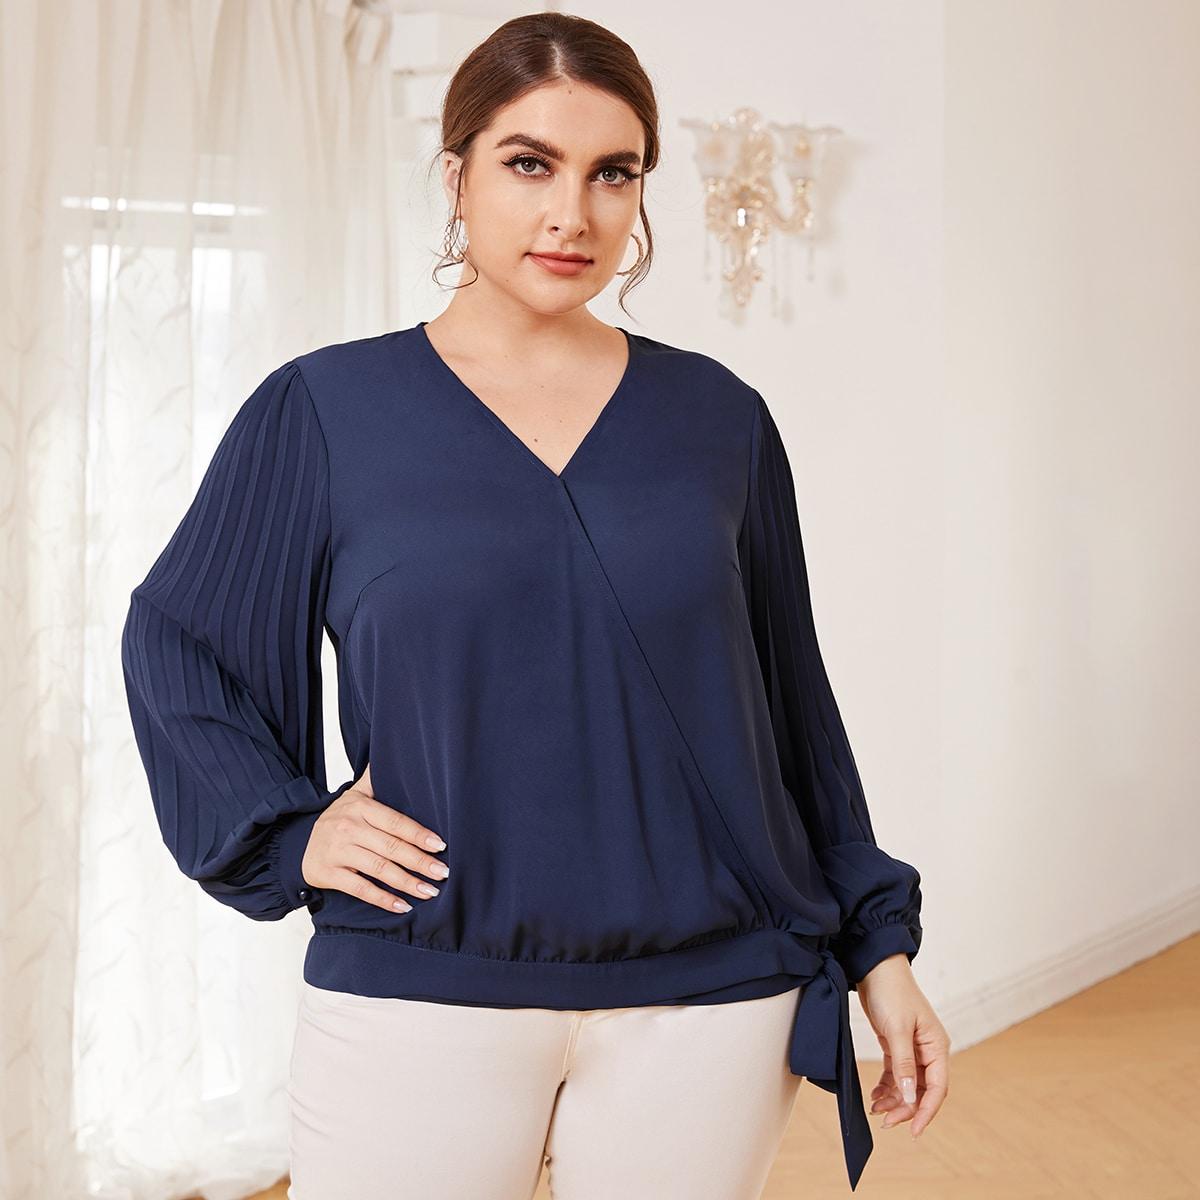 Пуговица Одноцветный Элегантный Блузы размер плюс